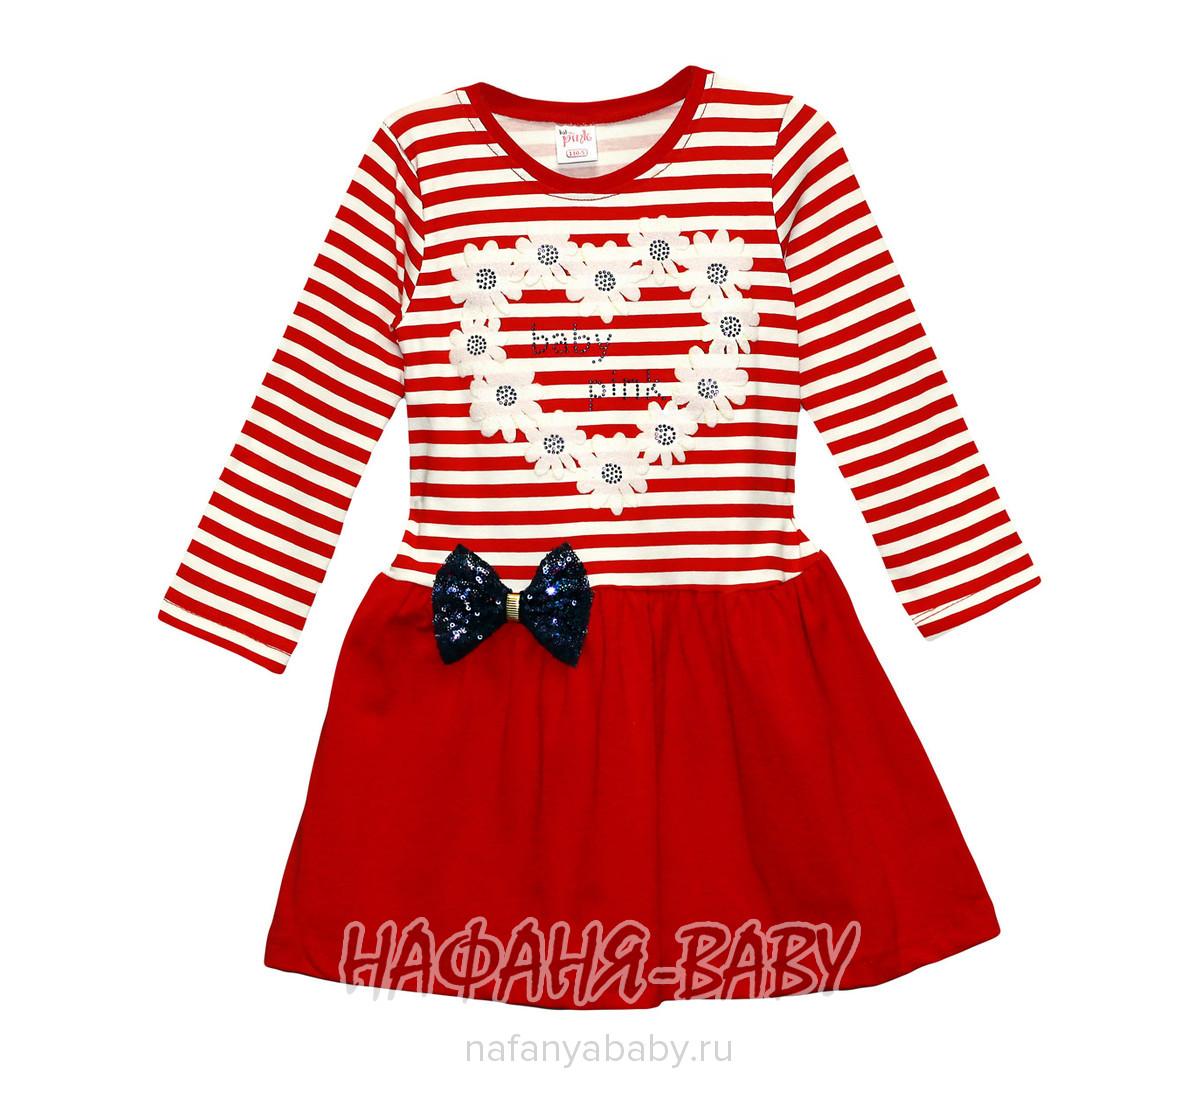 Детское платье PINK арт: 9284, 1-4 года, 5-9 лет, цвет красный в полоску, оптом Турция